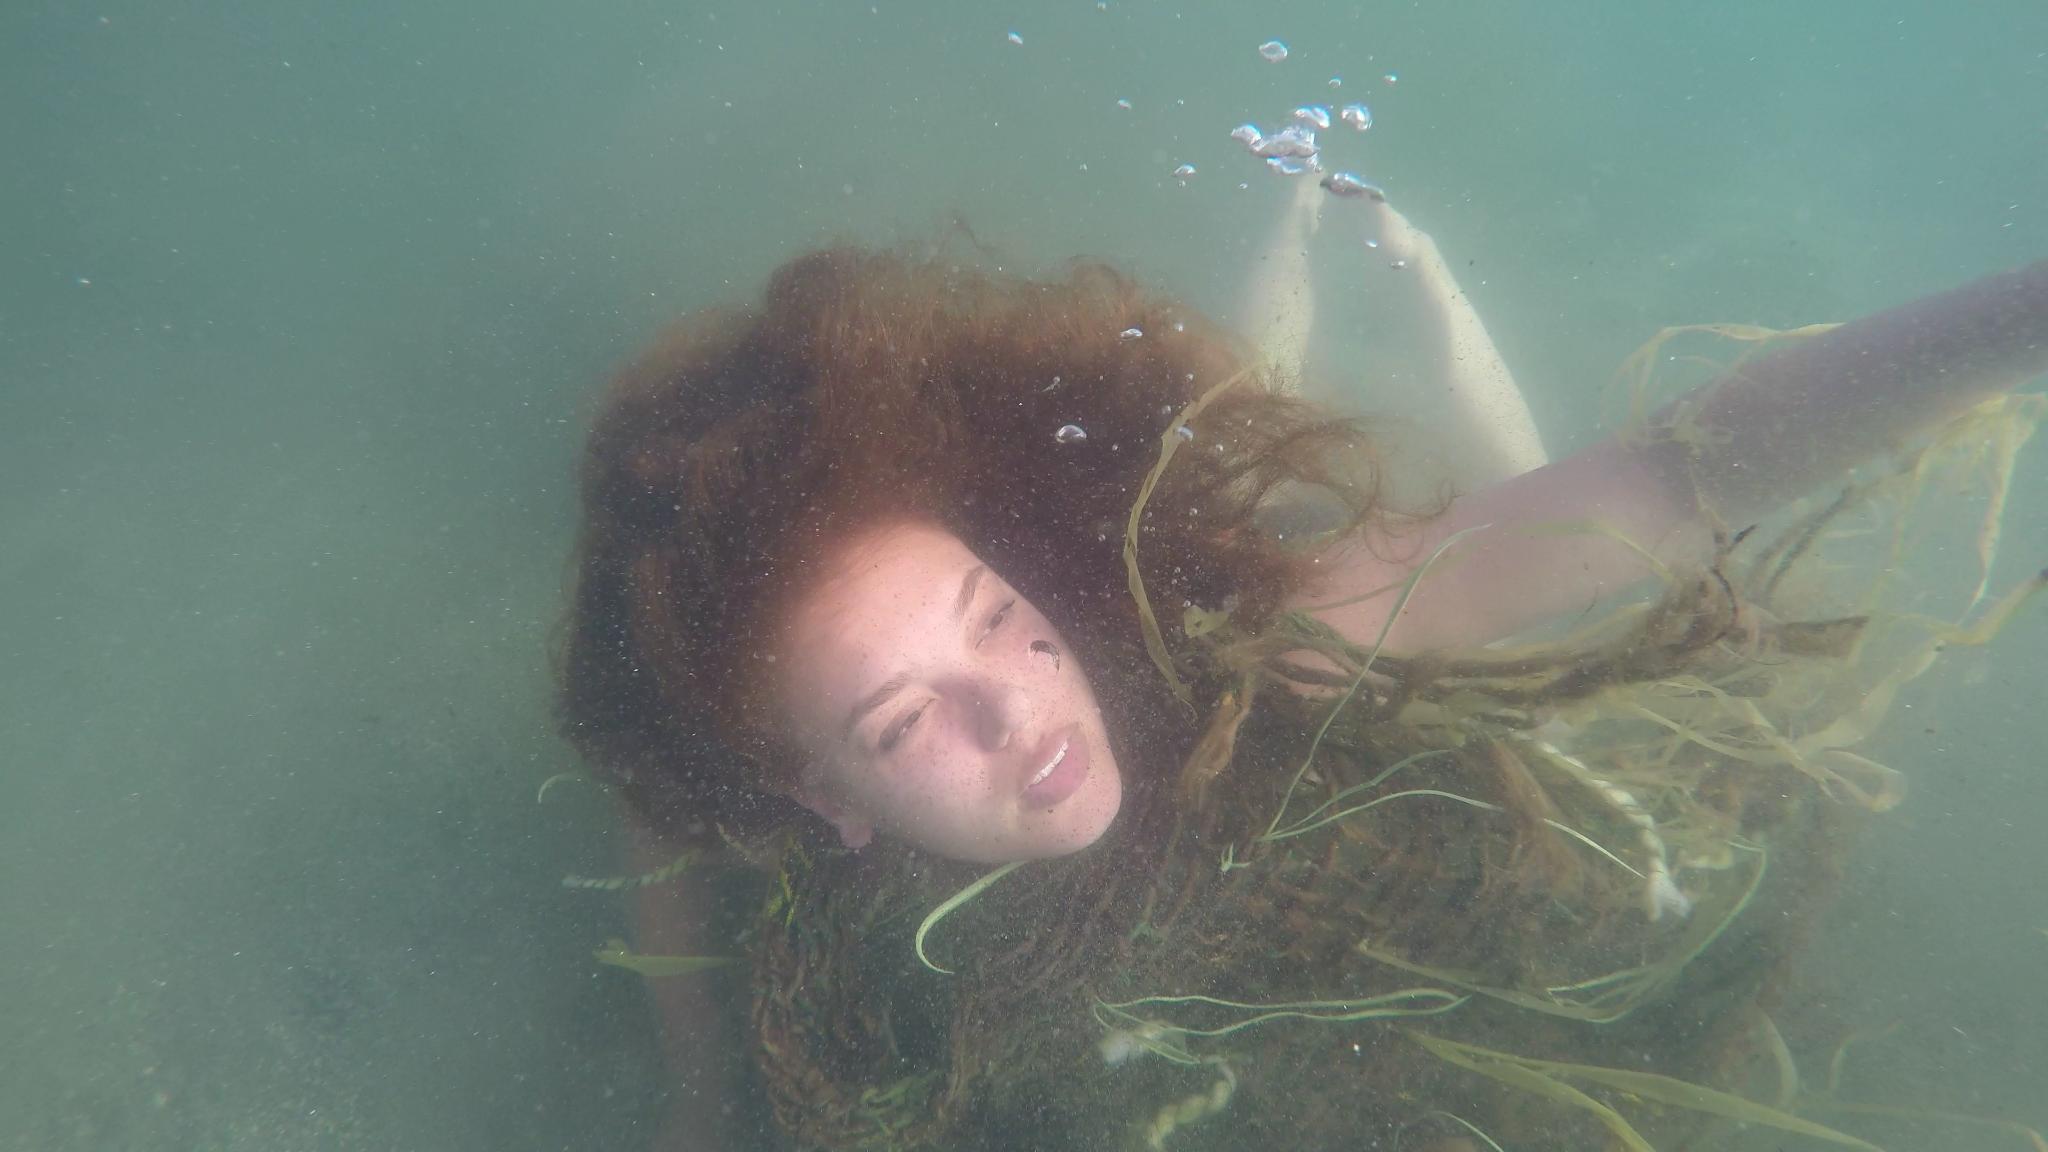 Still-BODIES OF WATER Film - LEONA underwater